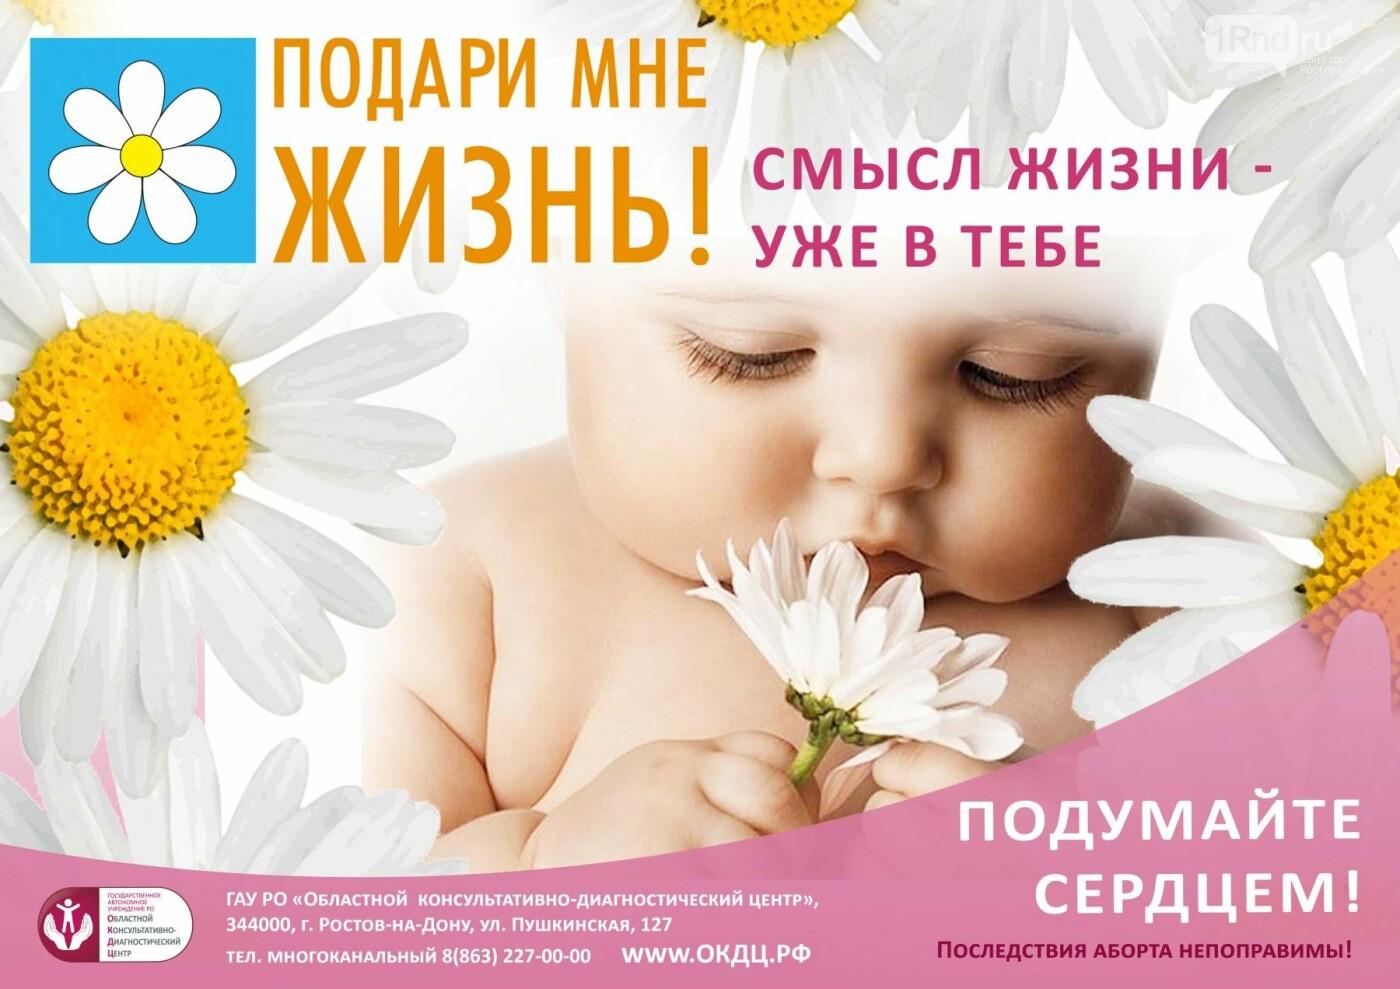 ОКДЦ присоединился к акции «Подари мне жизнь!», фото-1